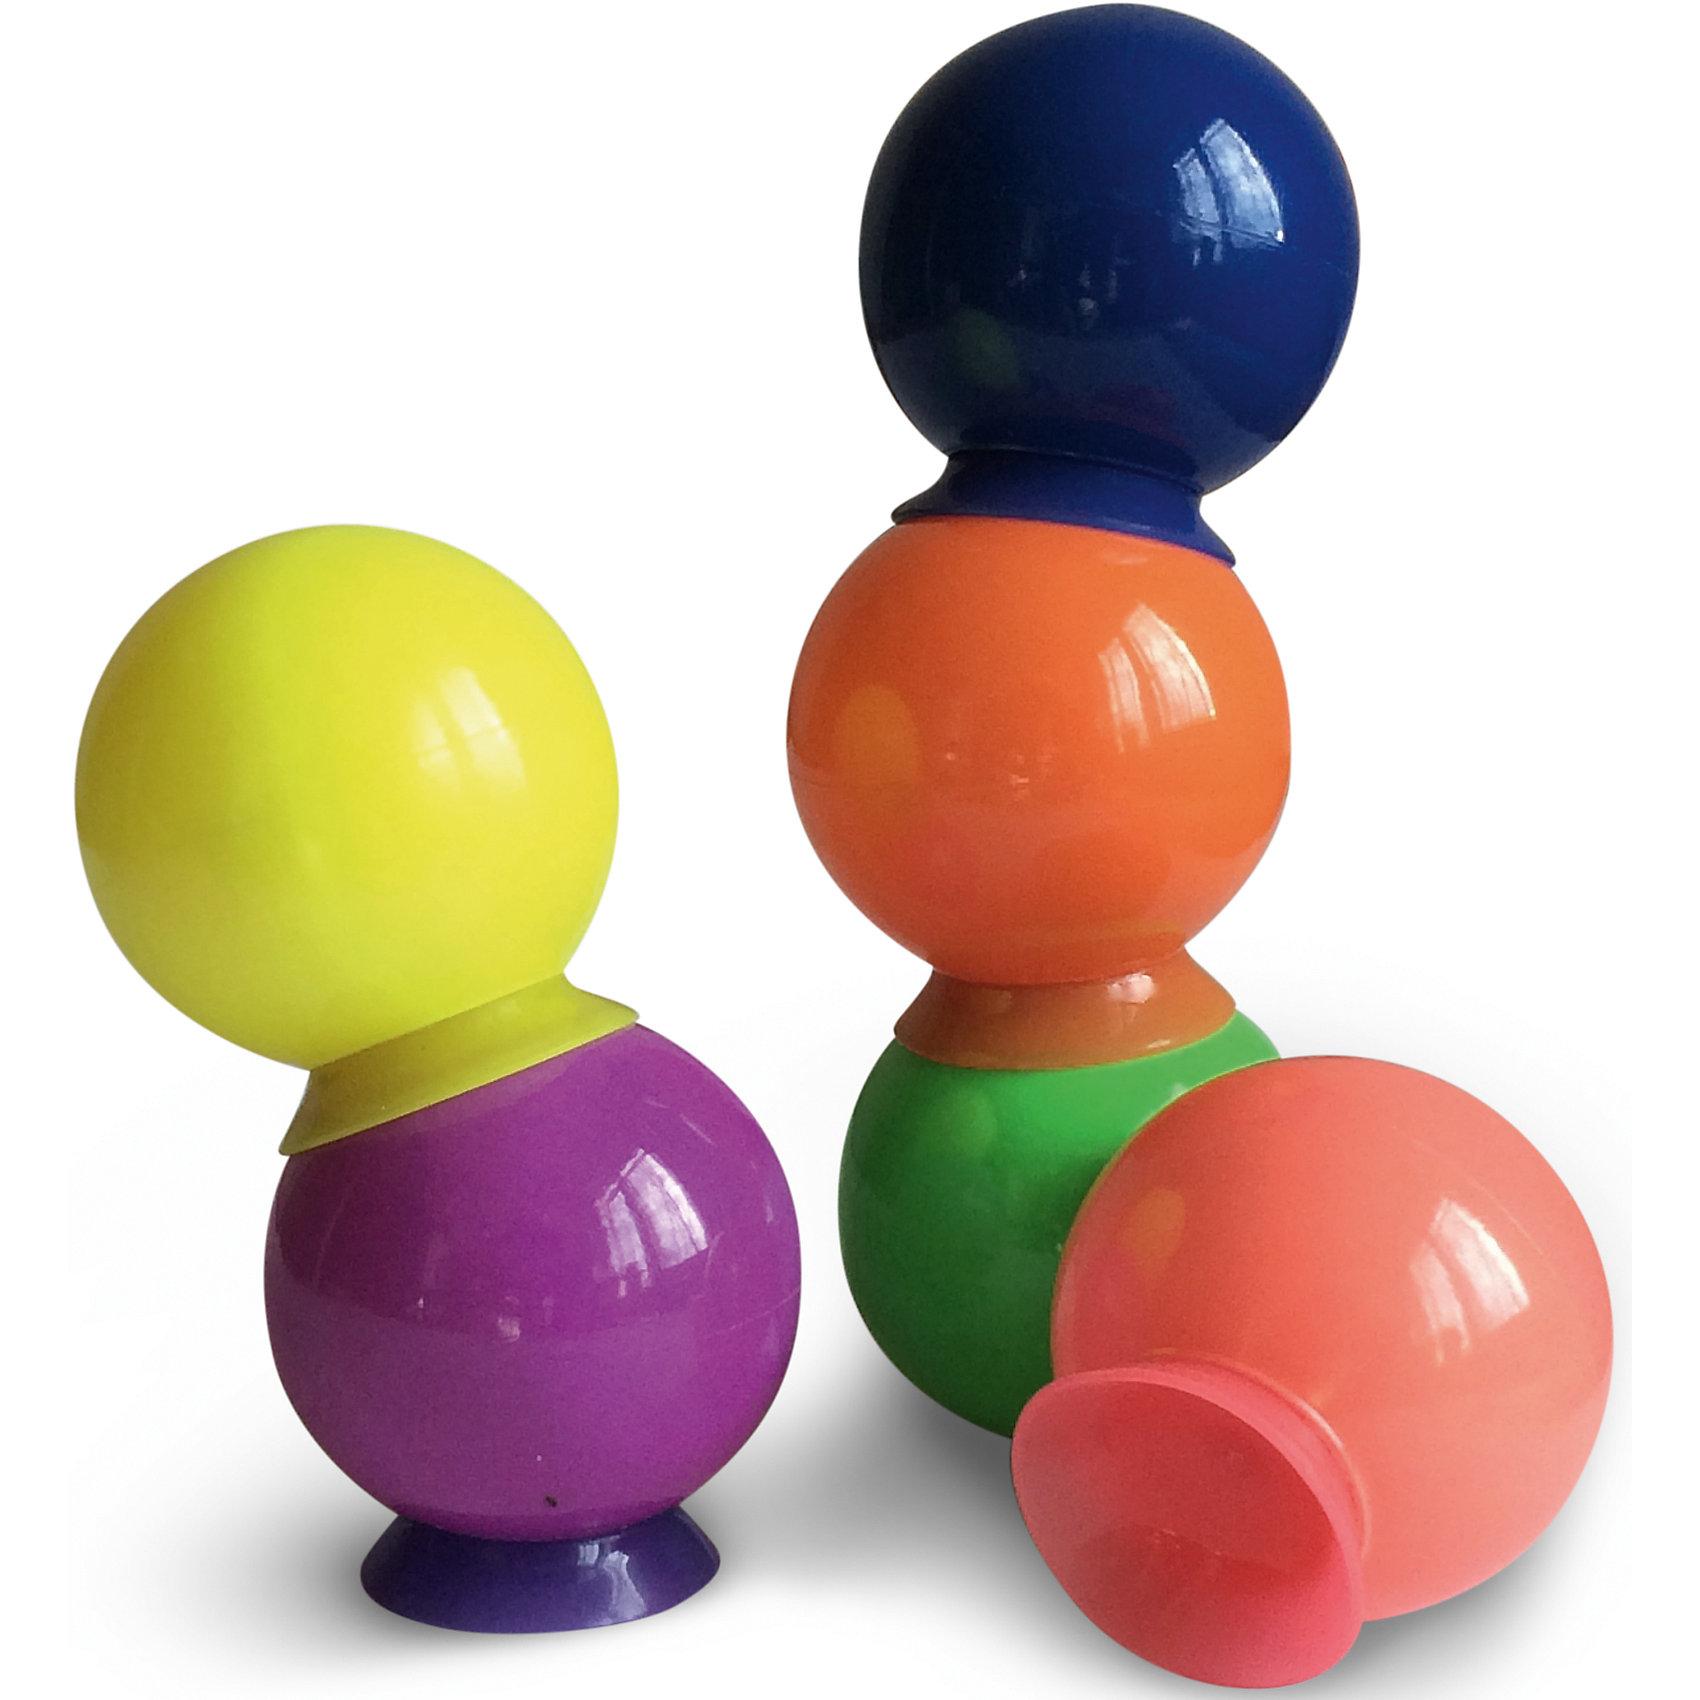 Набор ПВХ-игрушек для ванной IqBubblesИгрушки ПВХ<br>Характеристики:<br><br>• Предназначение: для игр в ванной, конструирование<br>• Материал: поливинилхлорид <br>• Диаментр шариков: 4,5 см<br>• Вес: 132 г<br>• Размеры (Д*В*Ш): 5,5*2,5*1,5 см<br>• Особенности ухода: можно мыть в теплой мыльной воде<br><br>Набор ПВХ-игрушек для ванной IQBUBBLES – это многофункциональная игрушка, предназначенная для игр с водой или для развивающих занятий. Набор состоит из элементов с присосками, выполненных в виде разноцветных шаров. Изделия изготовлены из ПВХ, который отличается мягкостью, но при этом прочностью. Не вызывает аллергических реакций. <br><br>Имеющиеся присоски позволяют присоединять шарики друг к другу или к различным вертикальным и горизонтальным поверхностям. Этот набор можно использовать для конструирования различных фигурок и строений, также его можно использовать для изучения цветов. Набор ПВХ-игрушек для ванной IQBUBBLES сделает купание вашего малыша не только приятным и увлекательным, но и познавательным времяпрепровождением.<br><br>Набор ПВХ-игрушек для ванной IQBUBBLES можно купить в нашем интернет-магазине.<br><br>Ширина мм: 60<br>Глубина мм: 150<br>Высота мм: 260<br>Вес г: 127<br>Возраст от месяцев: 0<br>Возраст до месяцев: 36<br>Пол: Унисекс<br>Возраст: Детский<br>SKU: 4974827